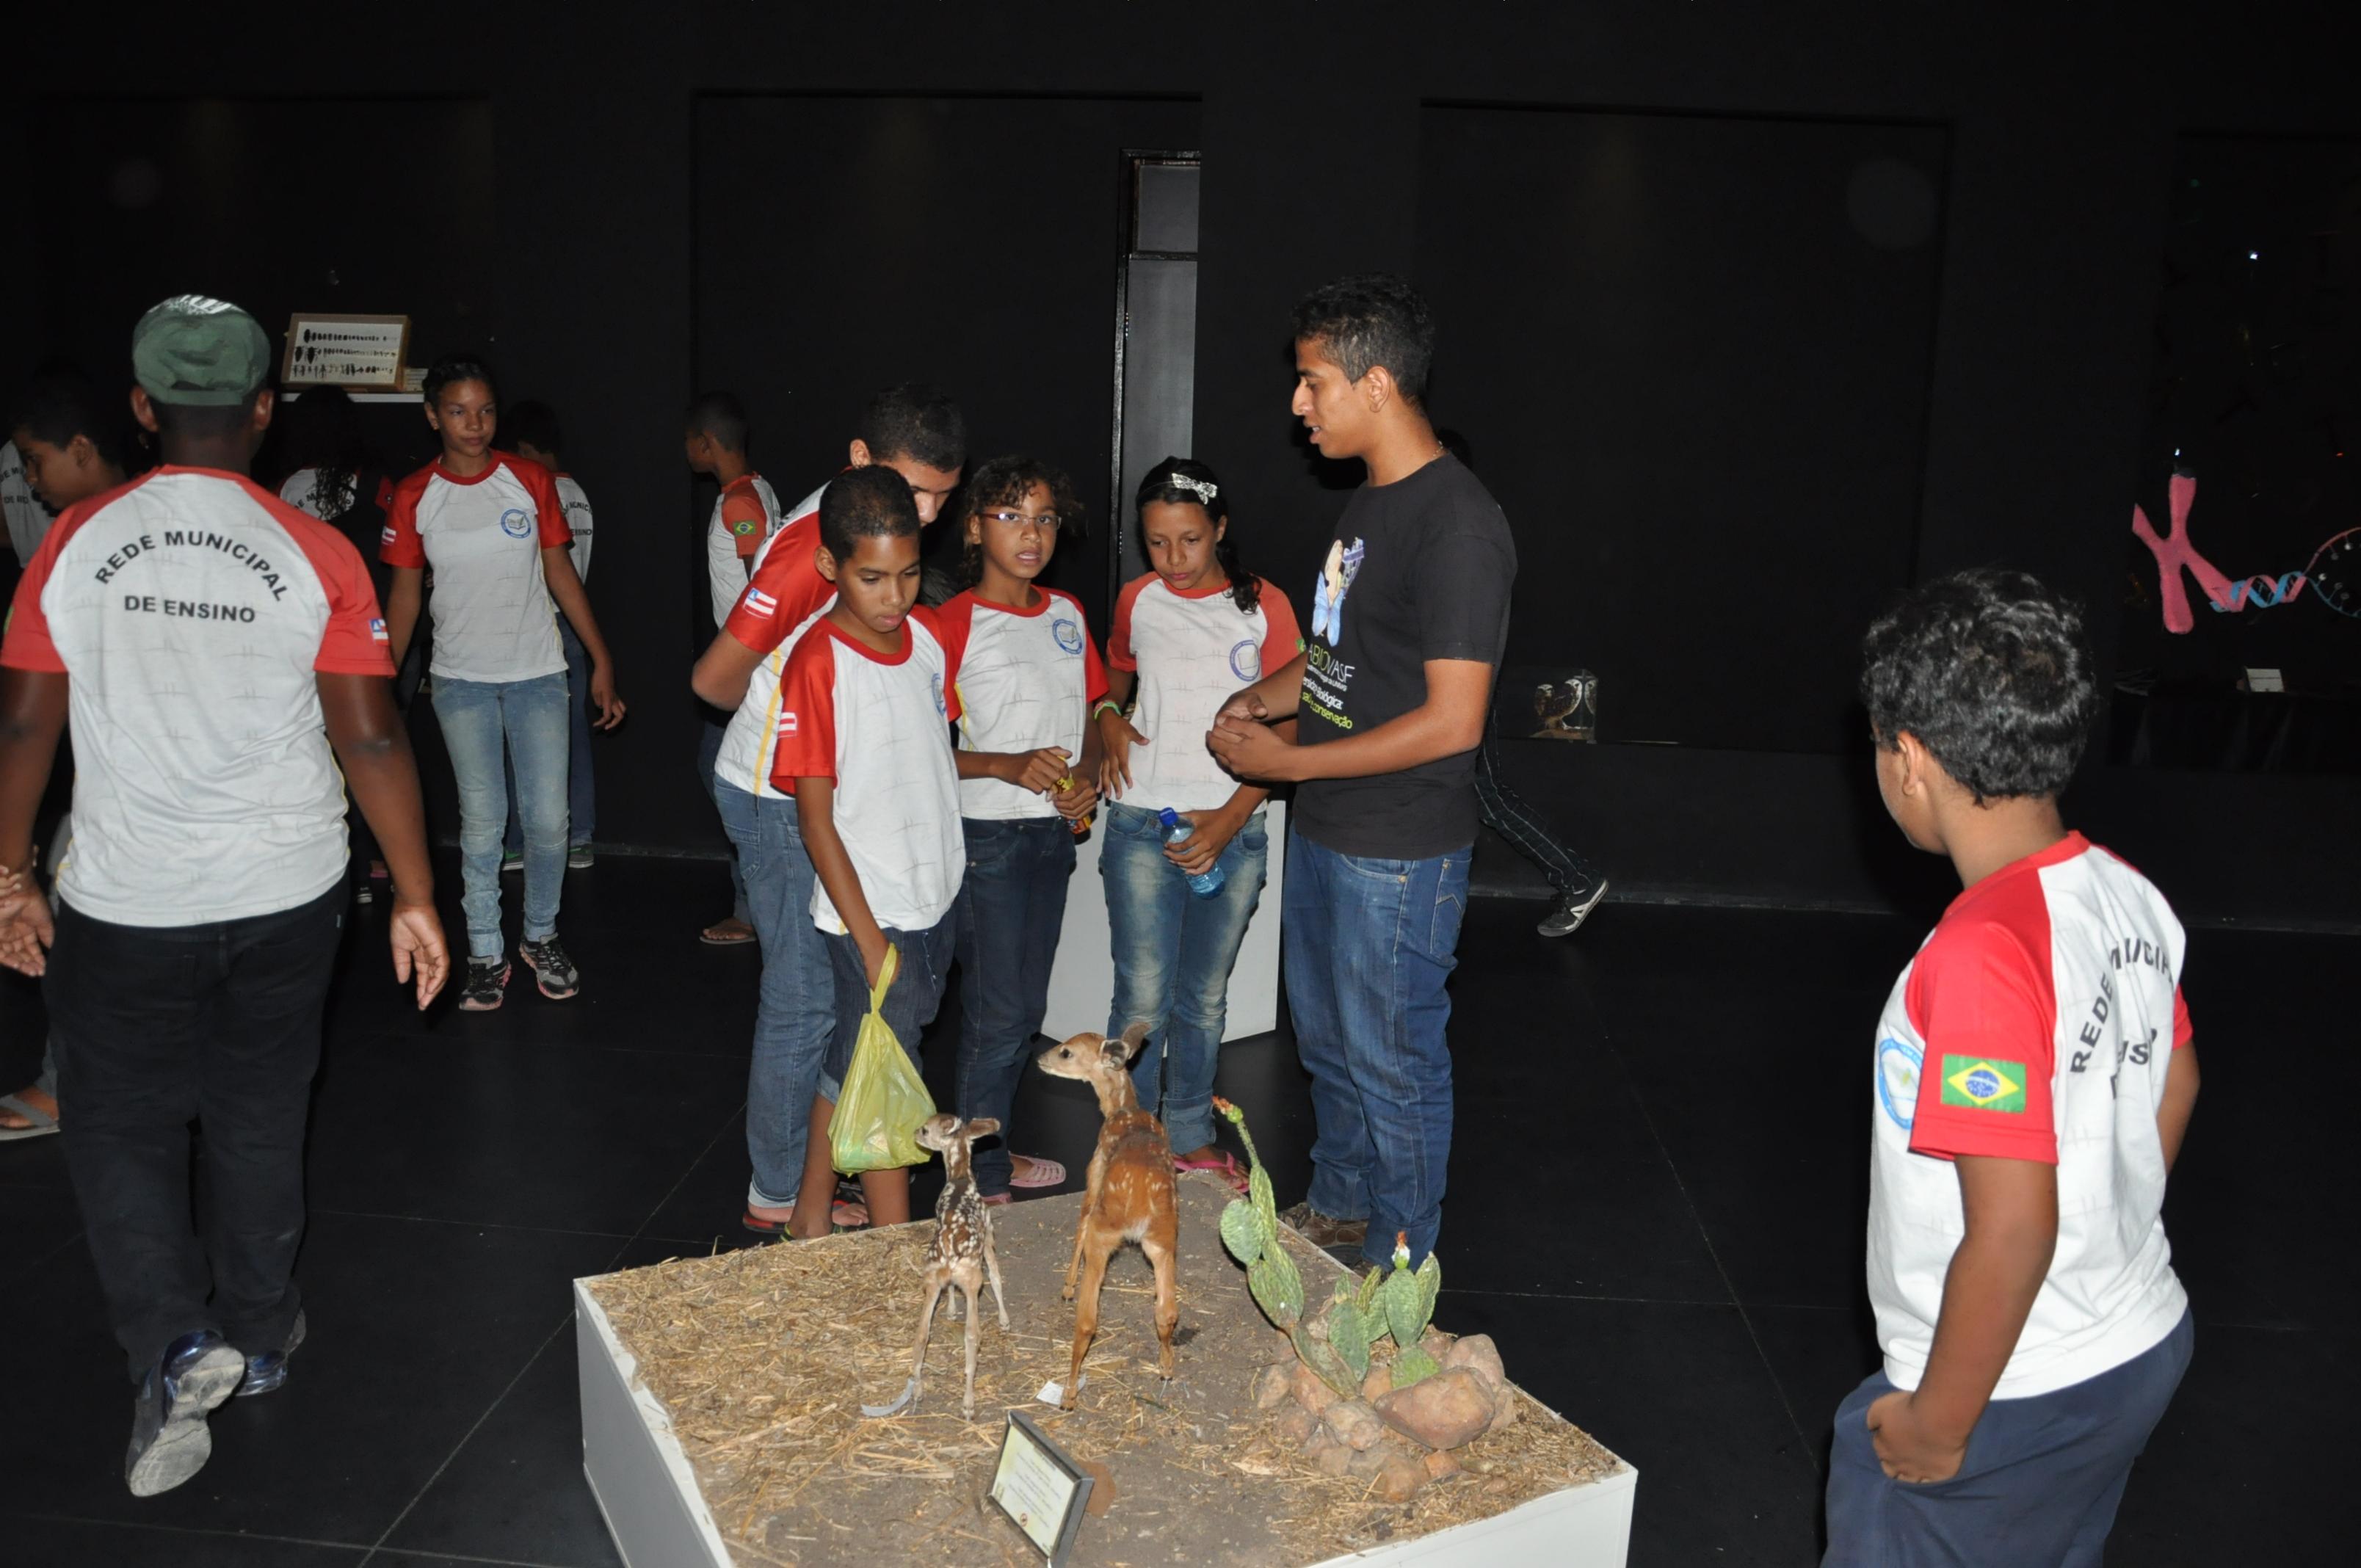 Visita ao CEMAFAUNA pela Escola Municipal Professora Carmem Costa Santos, Juazeiro-BA - 29.10.13